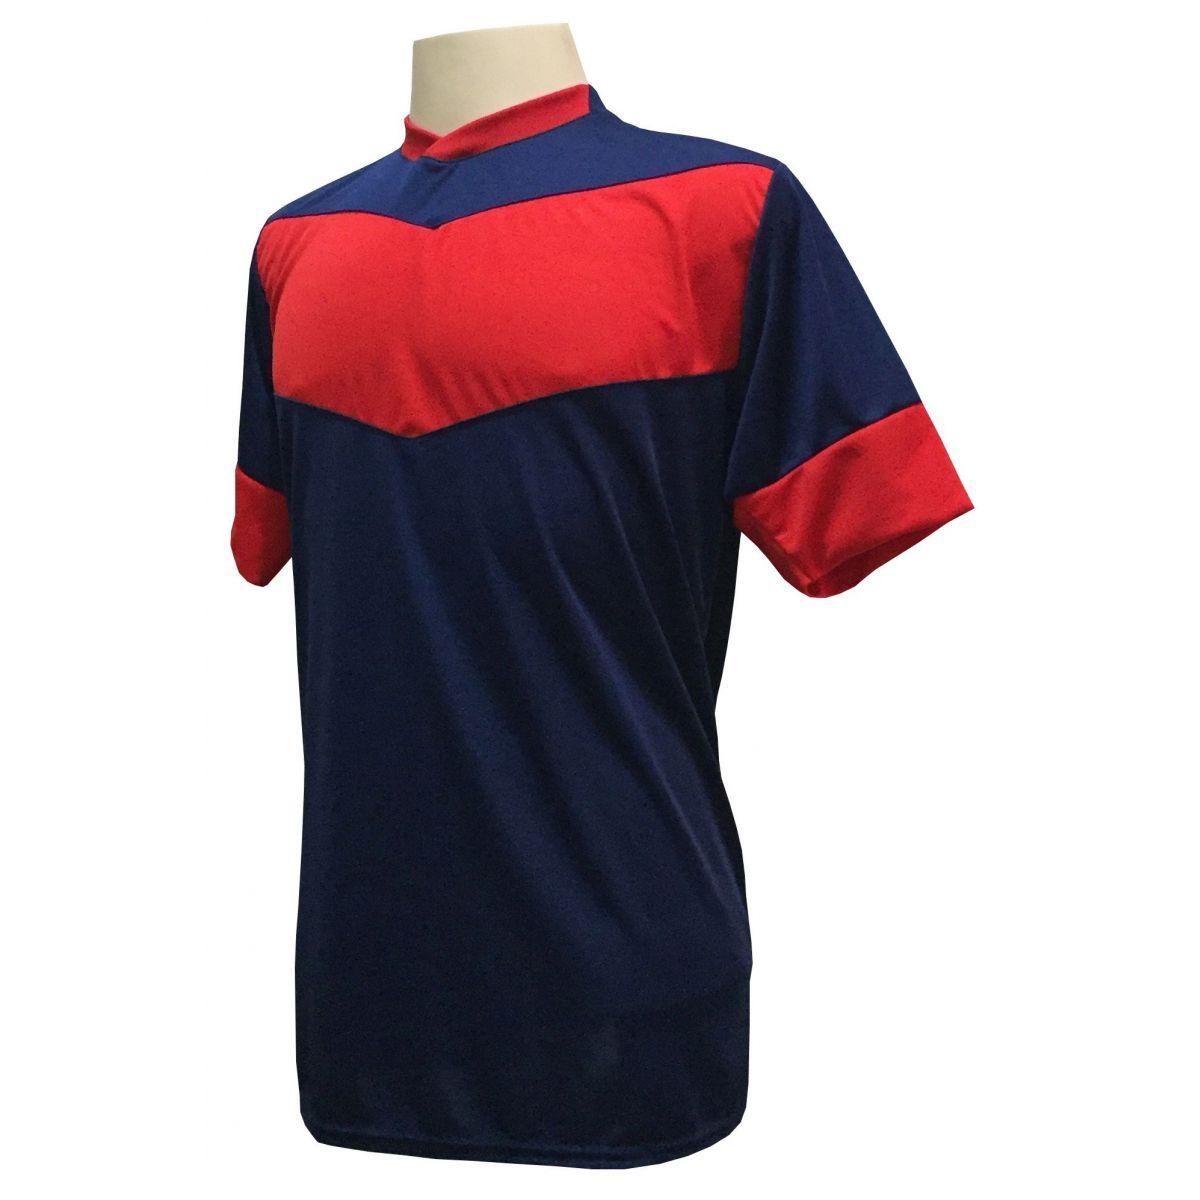 Fardamento Completo modelo Columbus 18+2 (18 Camisas Marinho/Vermelho + 18 Calções Madrid Vermelho + 18 Pares de Meiões Marinho + 2 Conjuntos de Goleiro) + Brindes